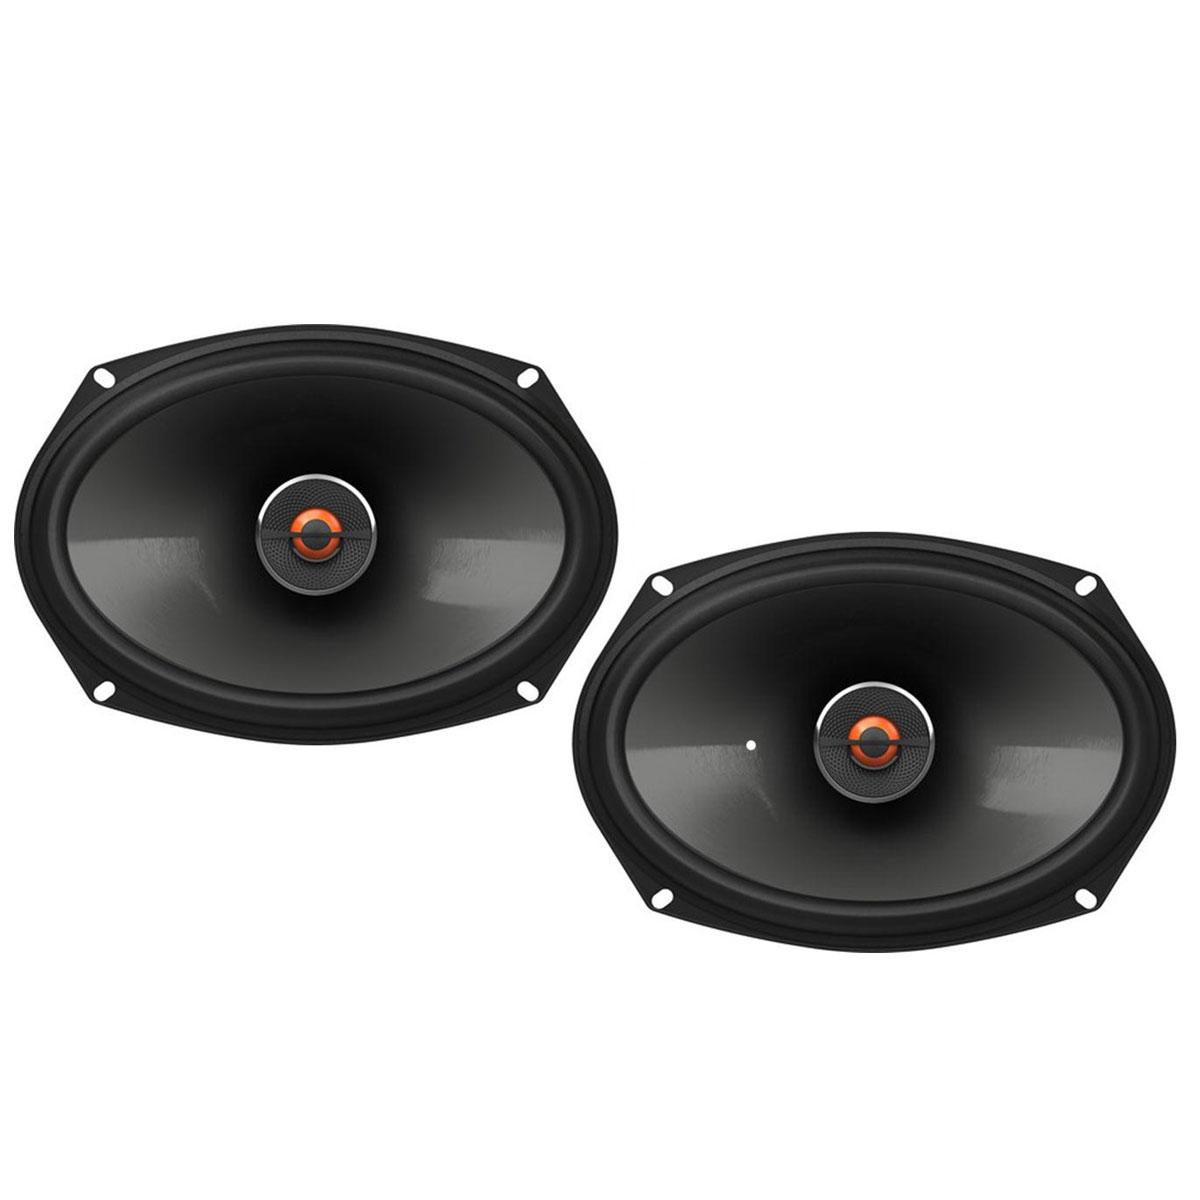 JBL GX962 автоакустика коаксиальнаяGX962Автомобильные динамики JBL GX универсальны и подходят почти под любые разъемы для акустики. Основные особенности серии – новый фирменный дефлектор твитера, индивидуальная настройка и звуковые катушки с сопротивлением 3 Ом, которые обеспечивают оптимальное распределение мощности. Диффузоры JBL GX увеличены при помощи технологии Plus One, также динамики оснащены плавнообтекаемыми твитерами с приводом по краю и, конечно, отличаются неотразимым дизайном. Это не просто великолепный звук, это нечто большее!